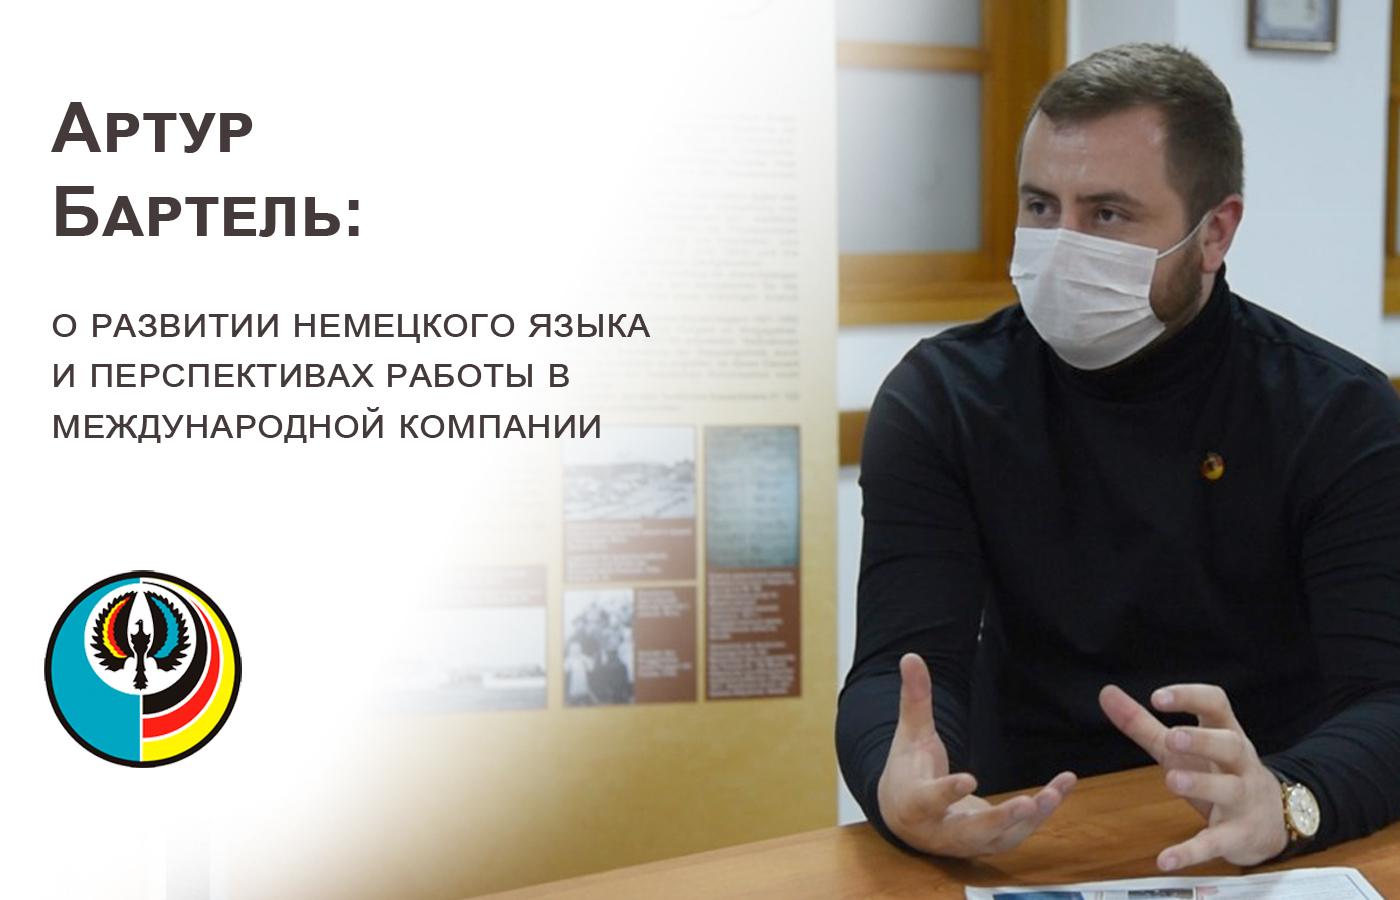 Немцы Казахстана: Артур Бартель